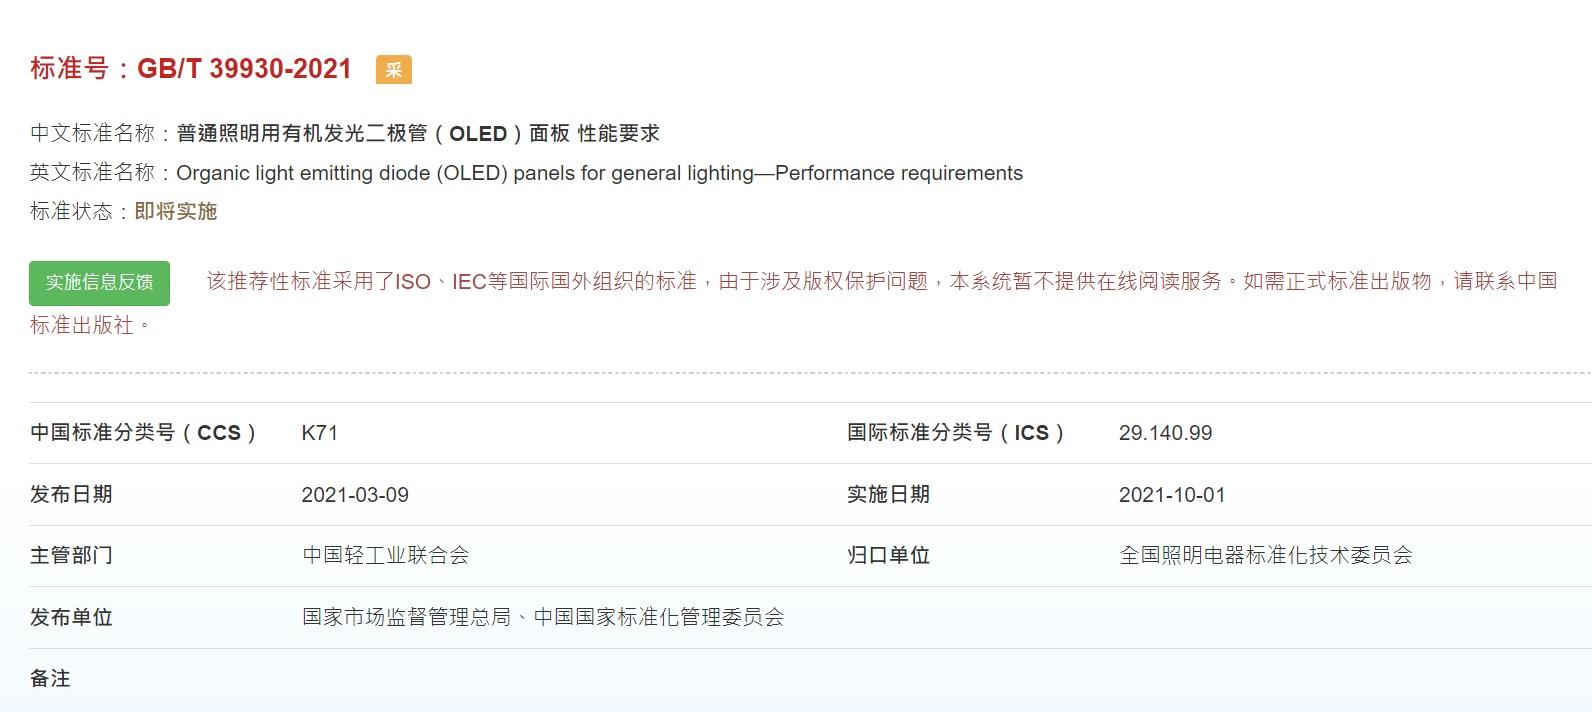 普通照明用有机发光二极管(OLED)面板性能要求 GB/T 39930-2021 正式发布